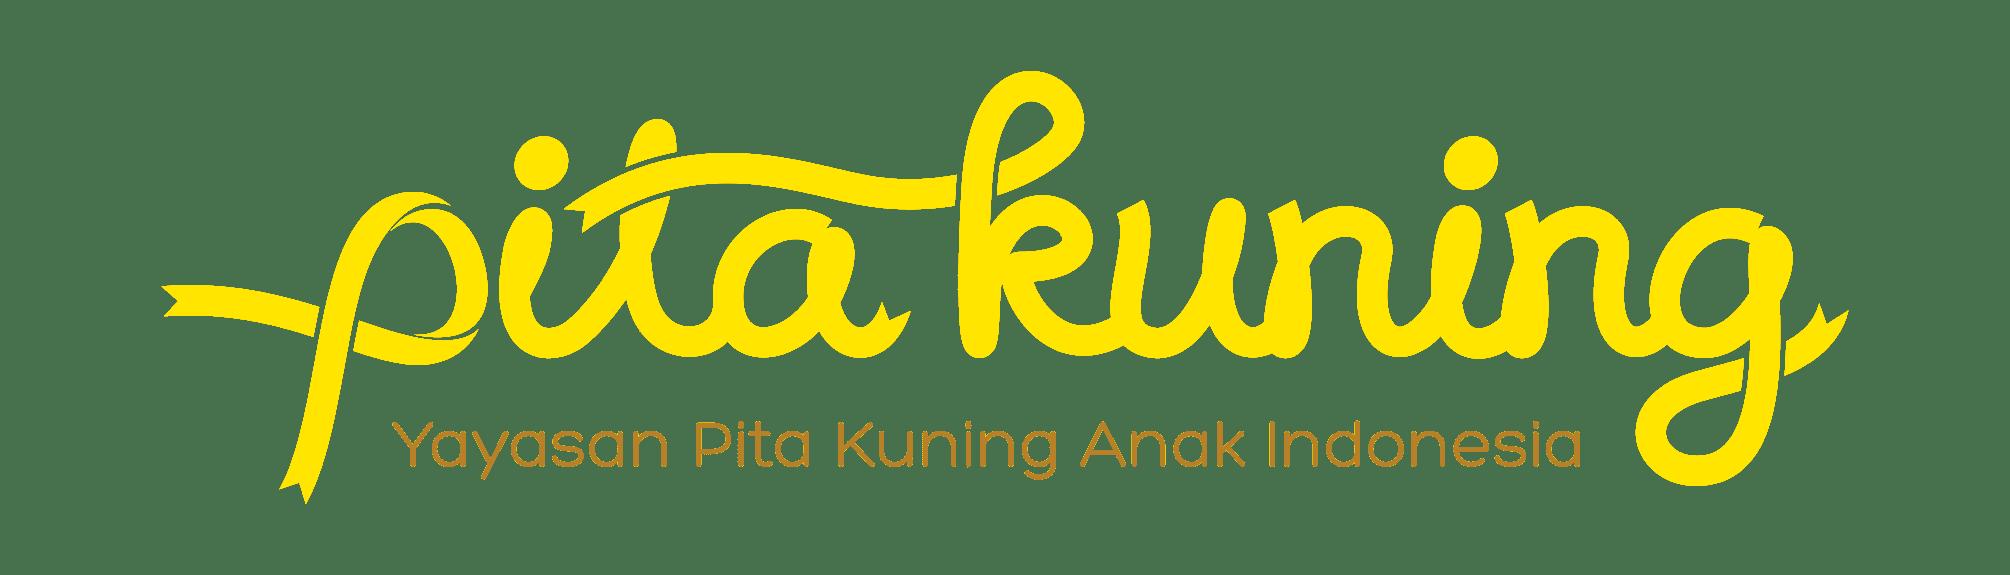 cropped-Pita-Kuning-Logo-Primer-2-transparent.png